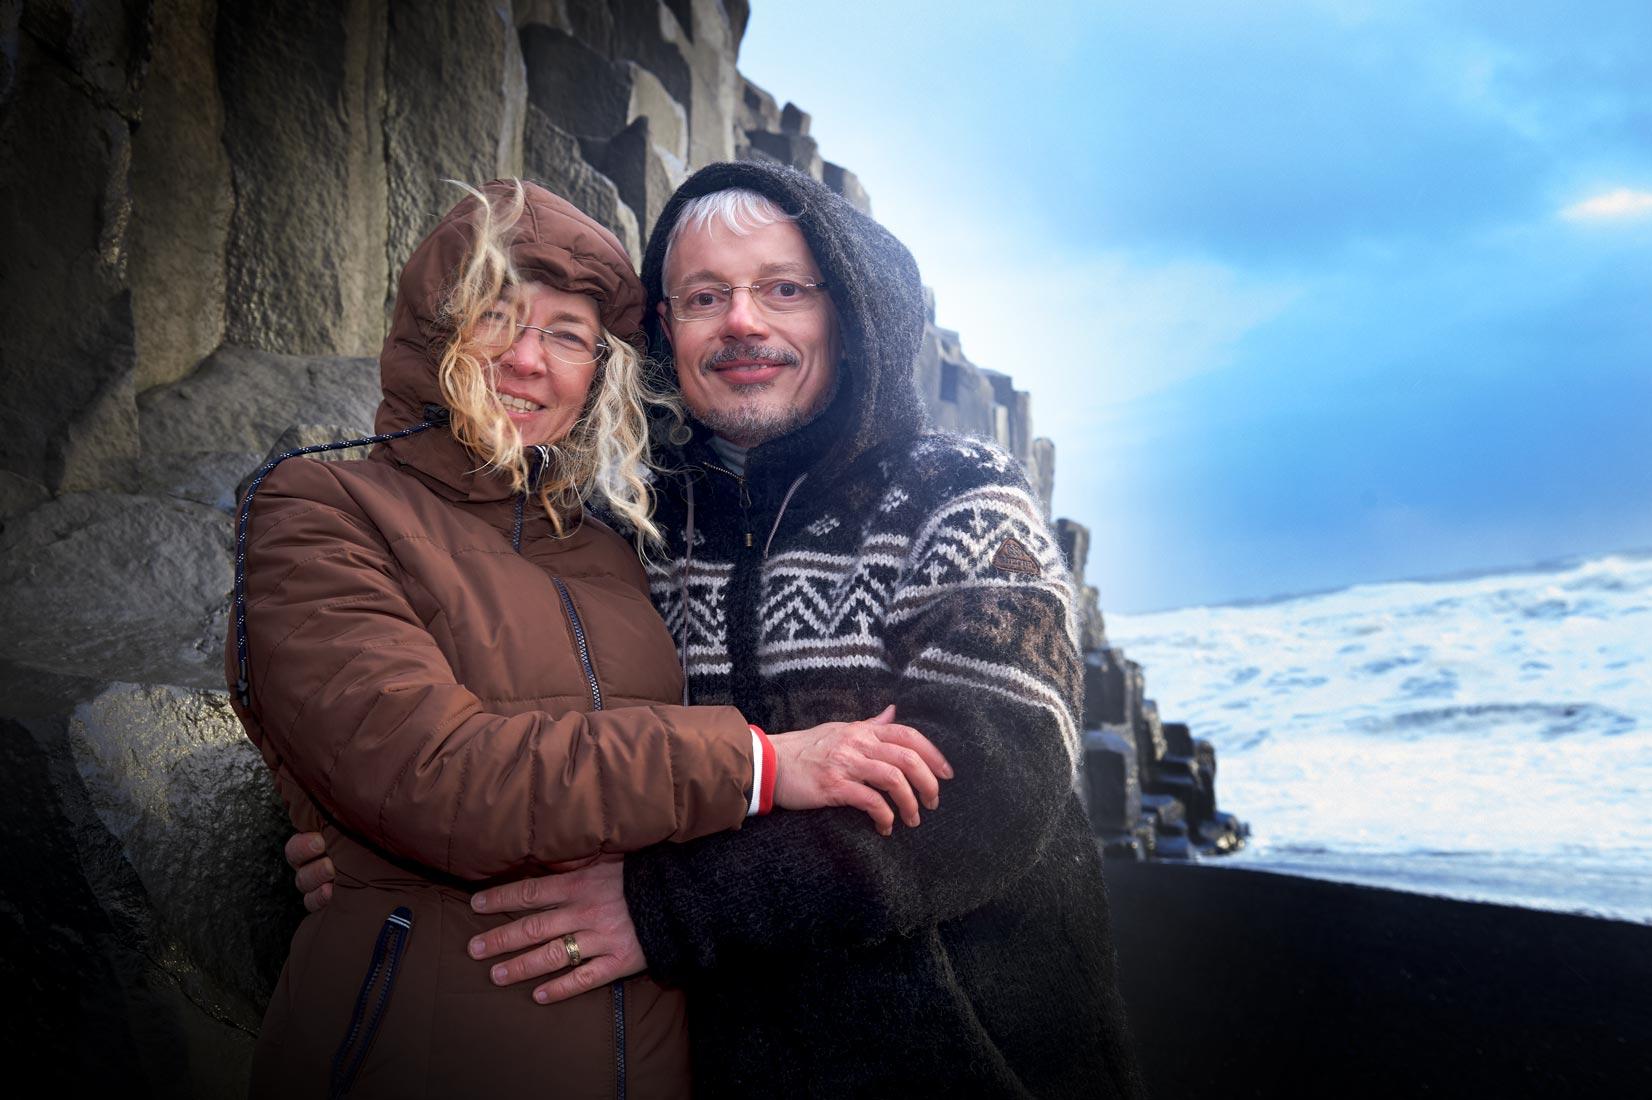 Hochzeitsfotografie am Strand auf Island